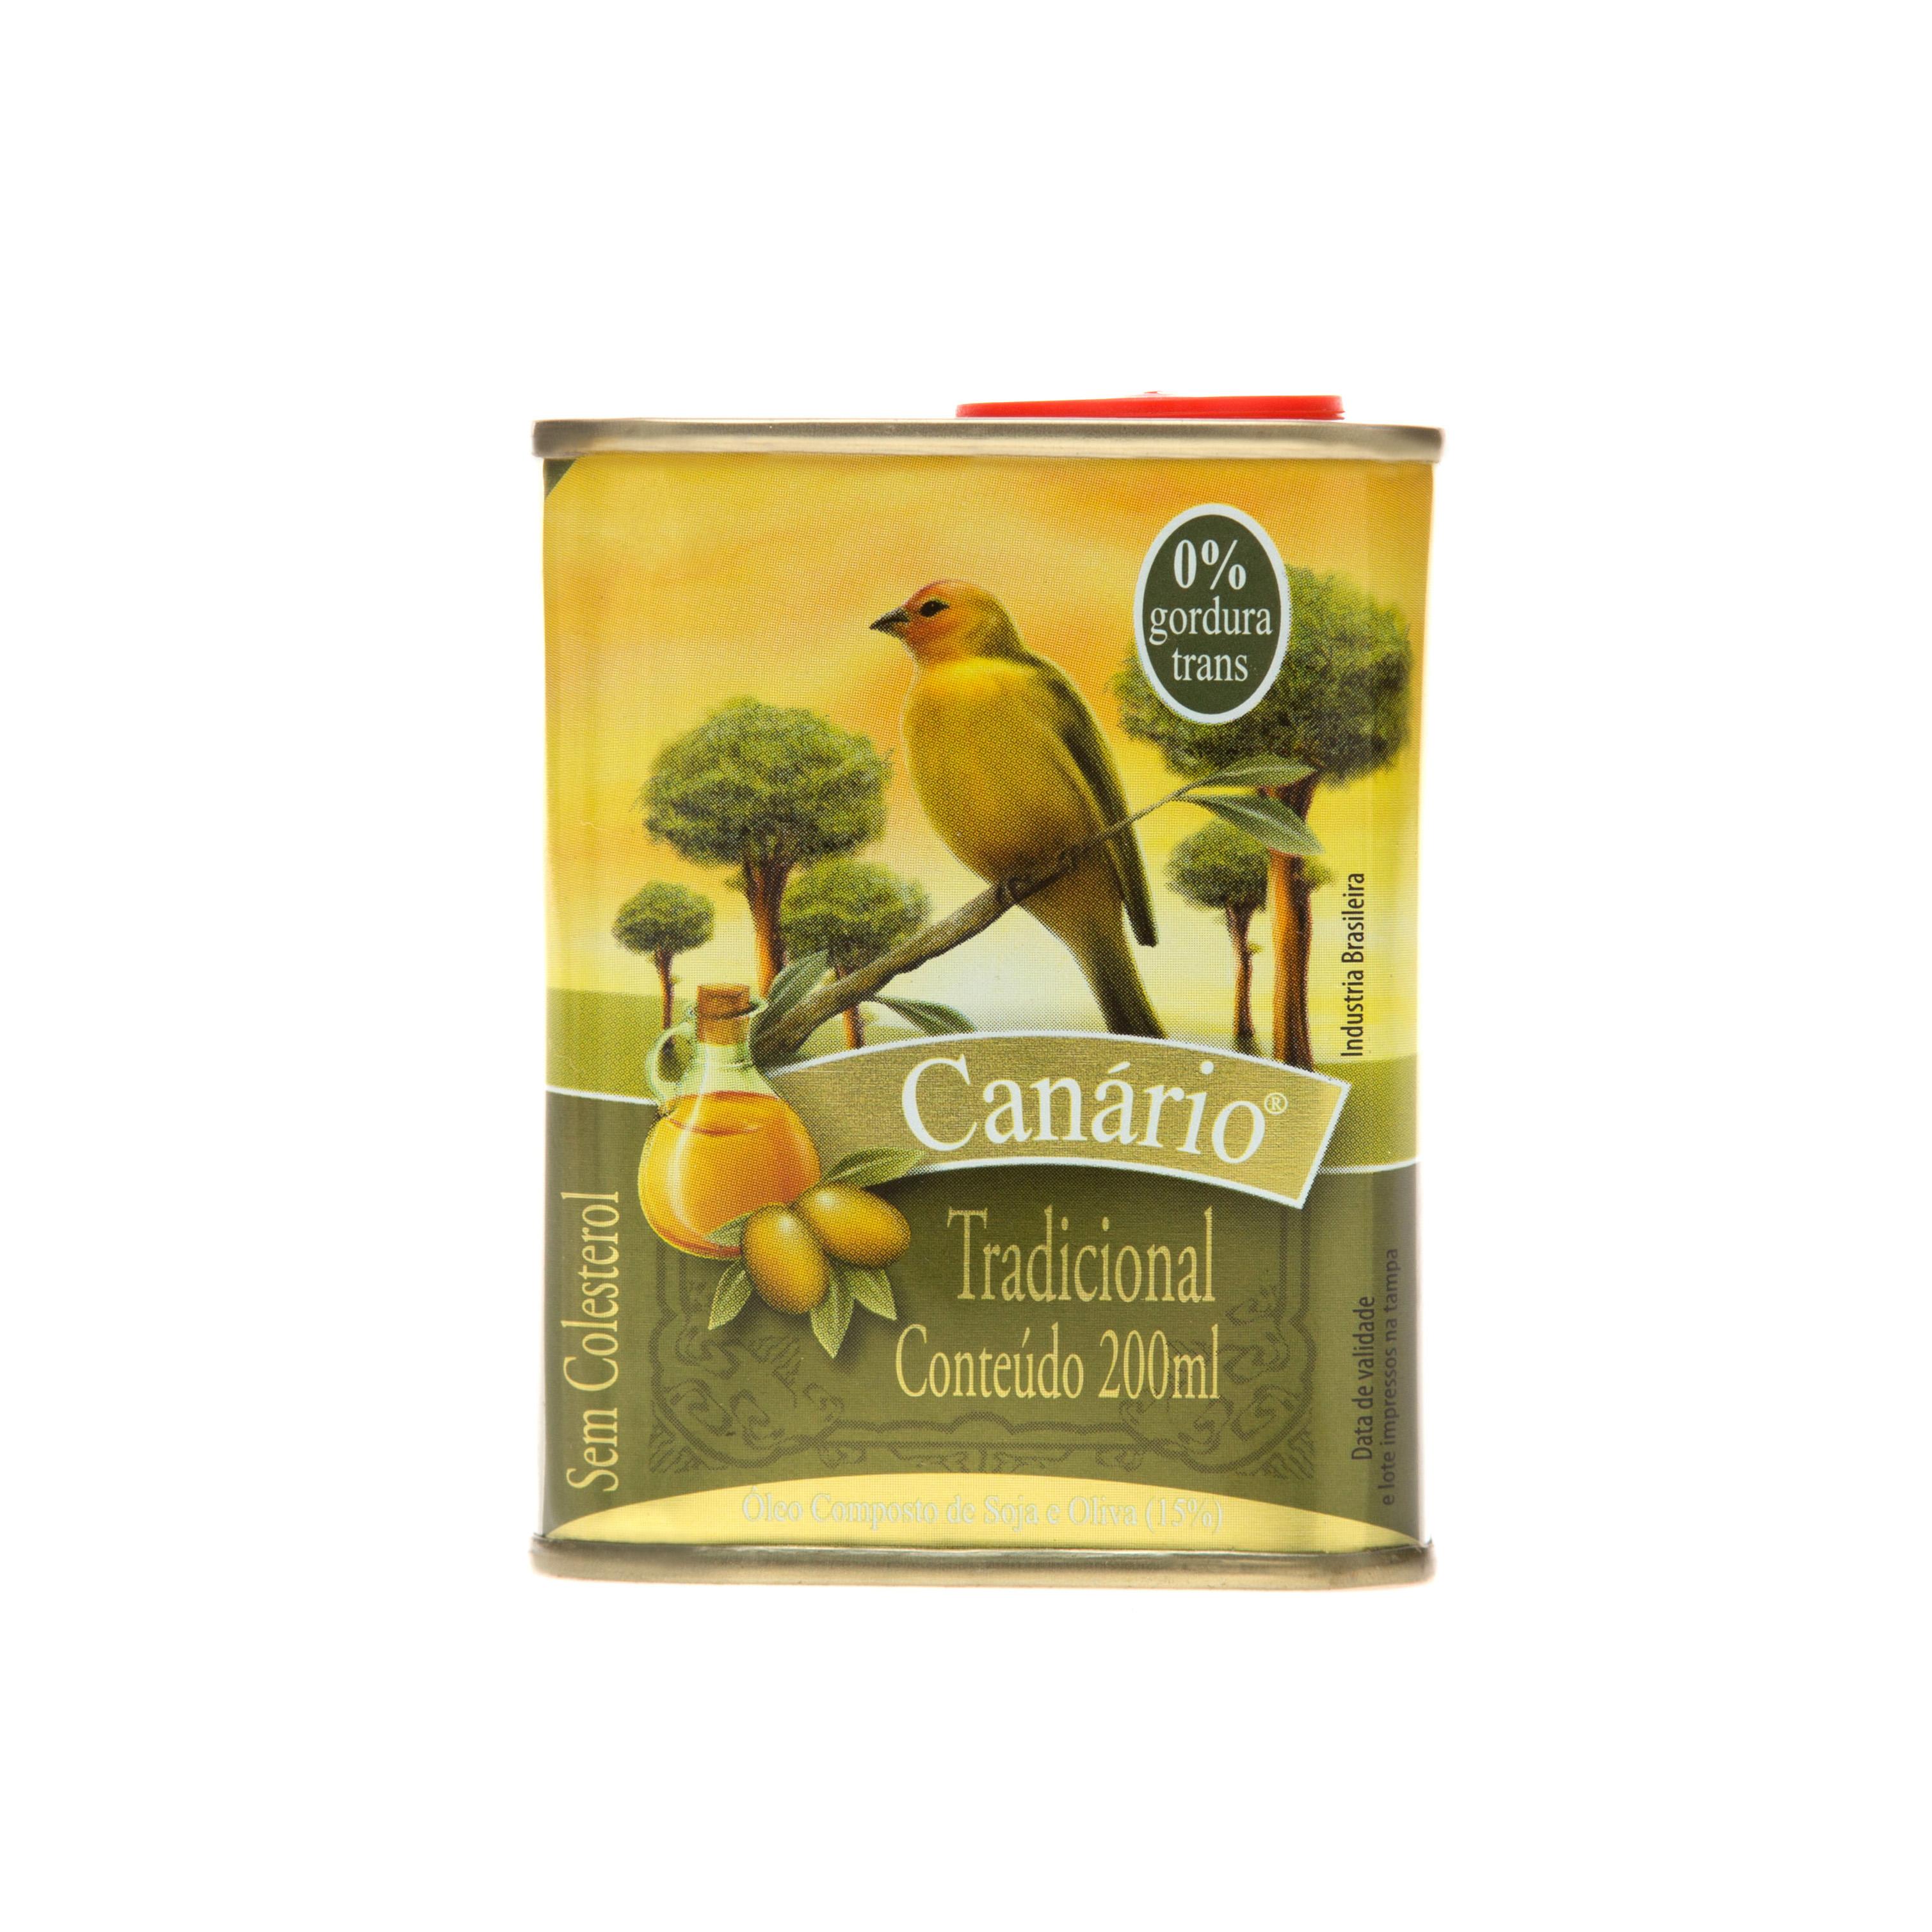 Azeite Composto de Soja e Oliva Canário